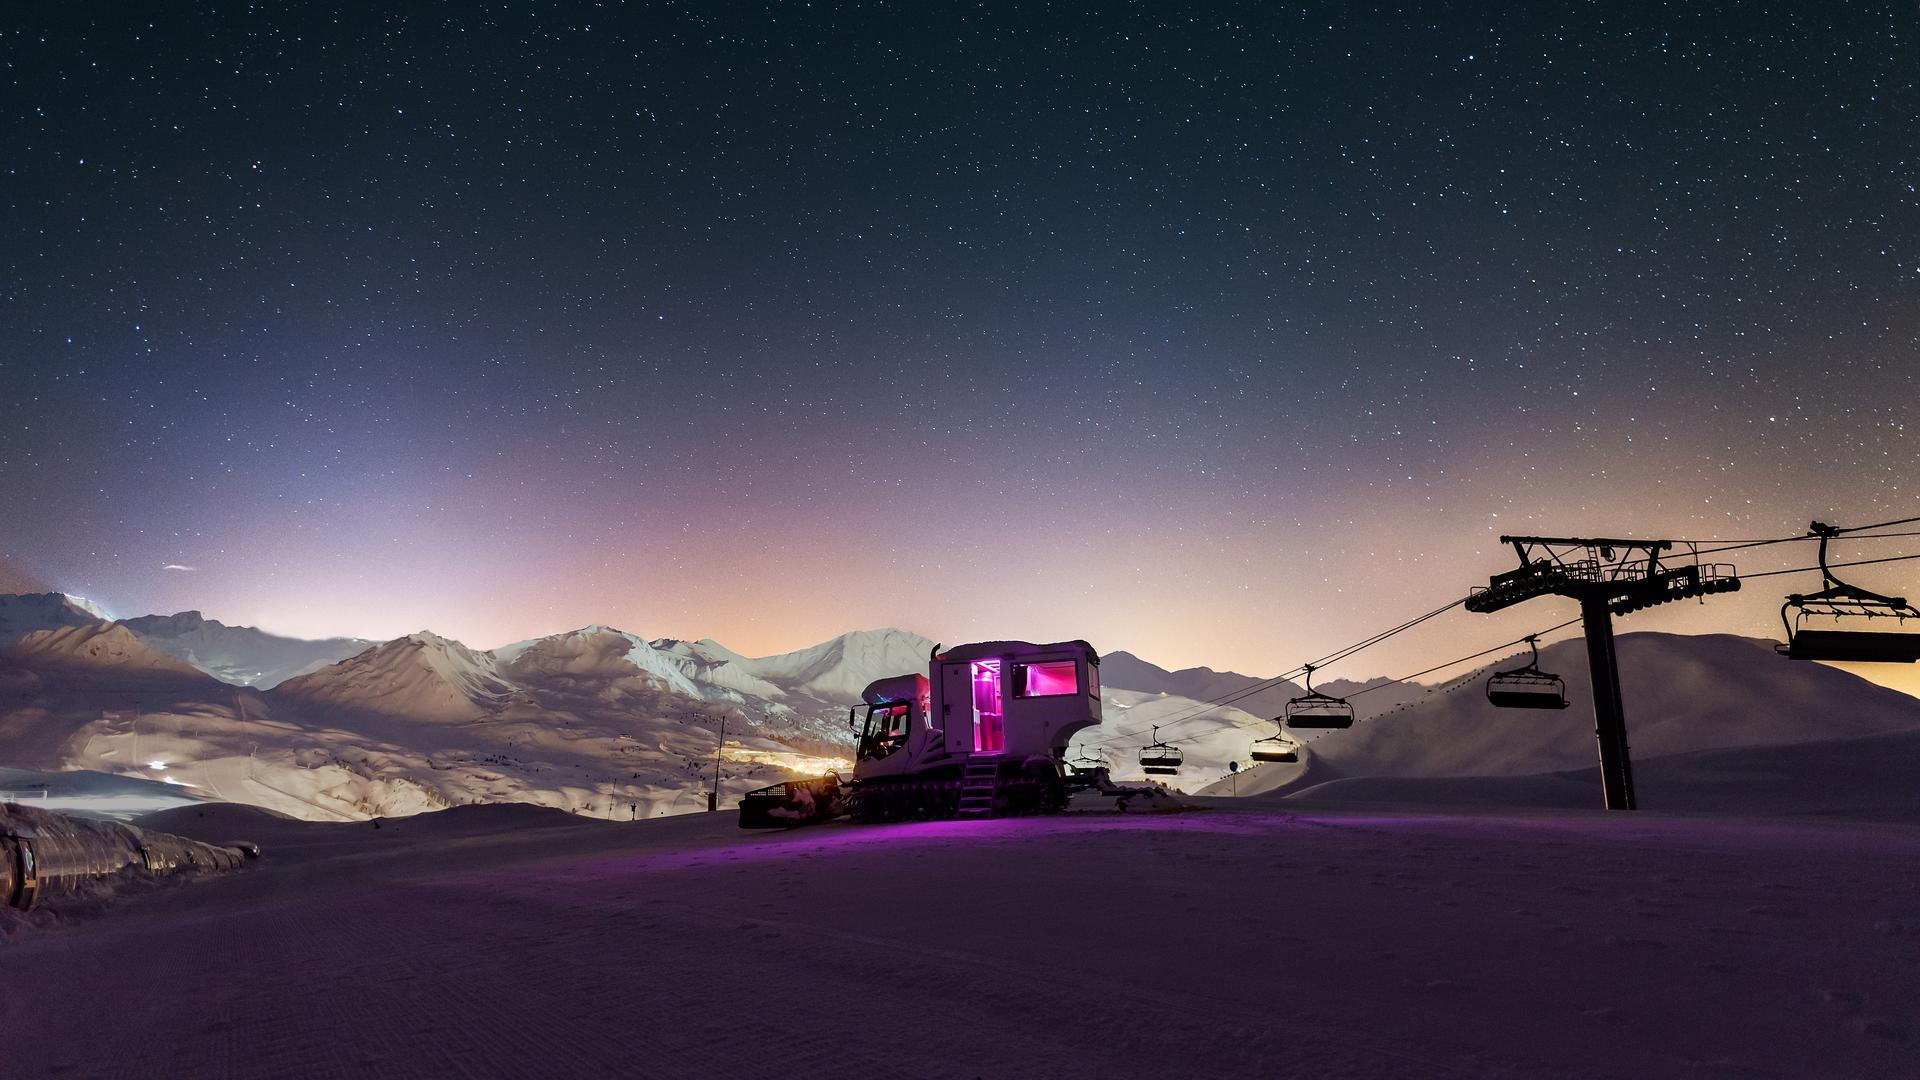 Nuit Insolite En Montagne Tentez L Hebergement Insolite La Plagne Savoie